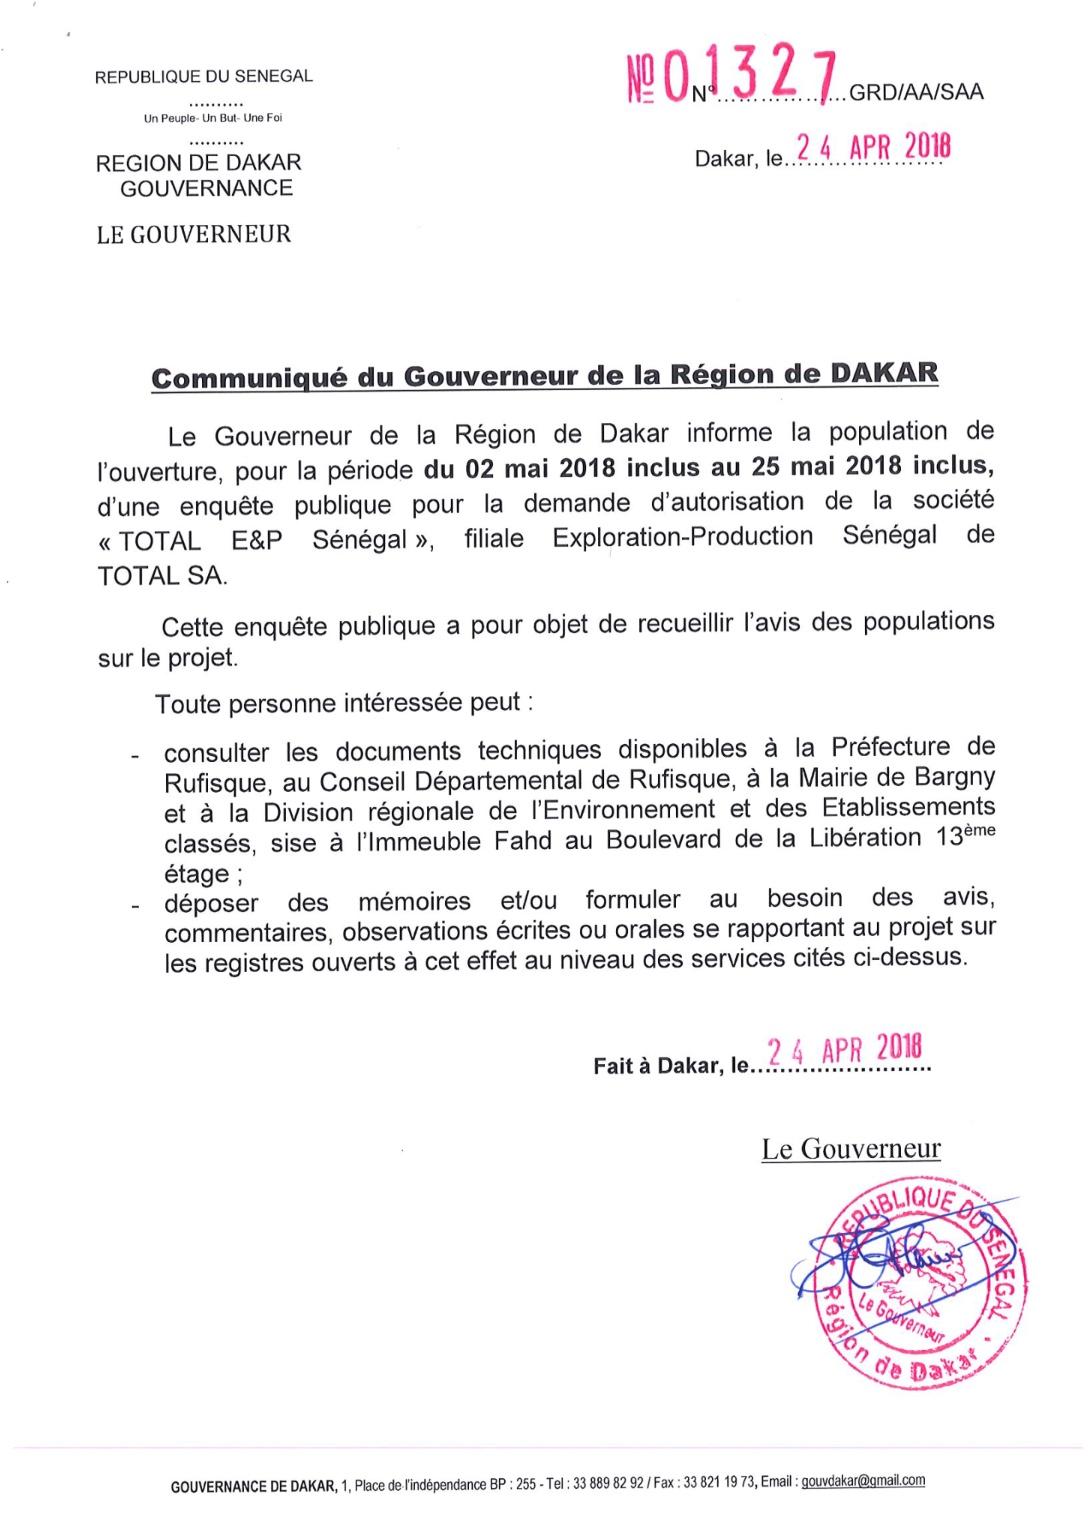 Demande d'autorisation de la société  « Total EP Sénégal» : Enquête publique ouverte pour recueillir l'avis des populations sur le projet